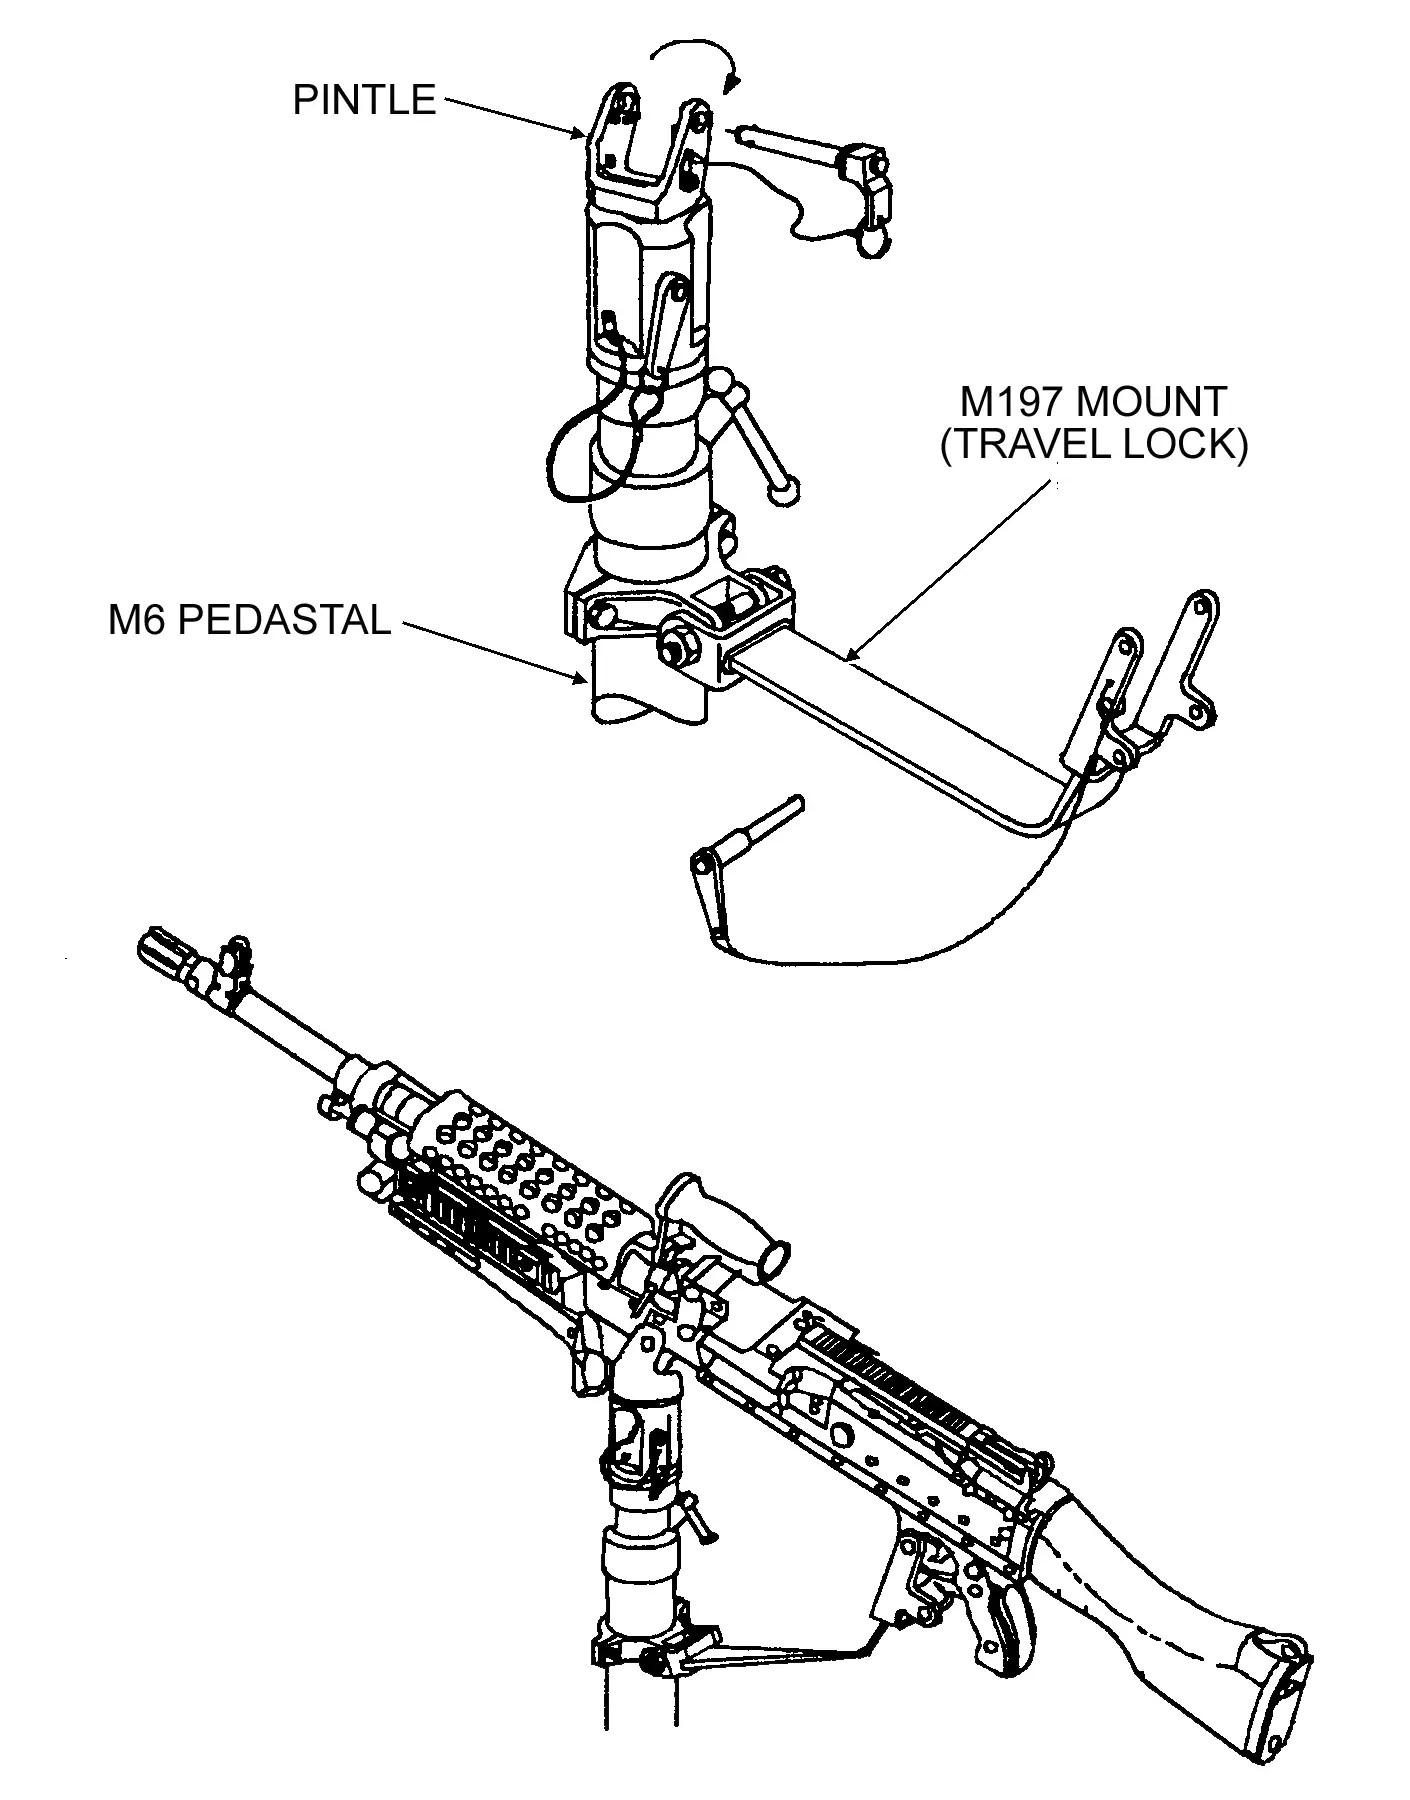 Fm3 22 68 Chapter 1 M249 Machine Gun